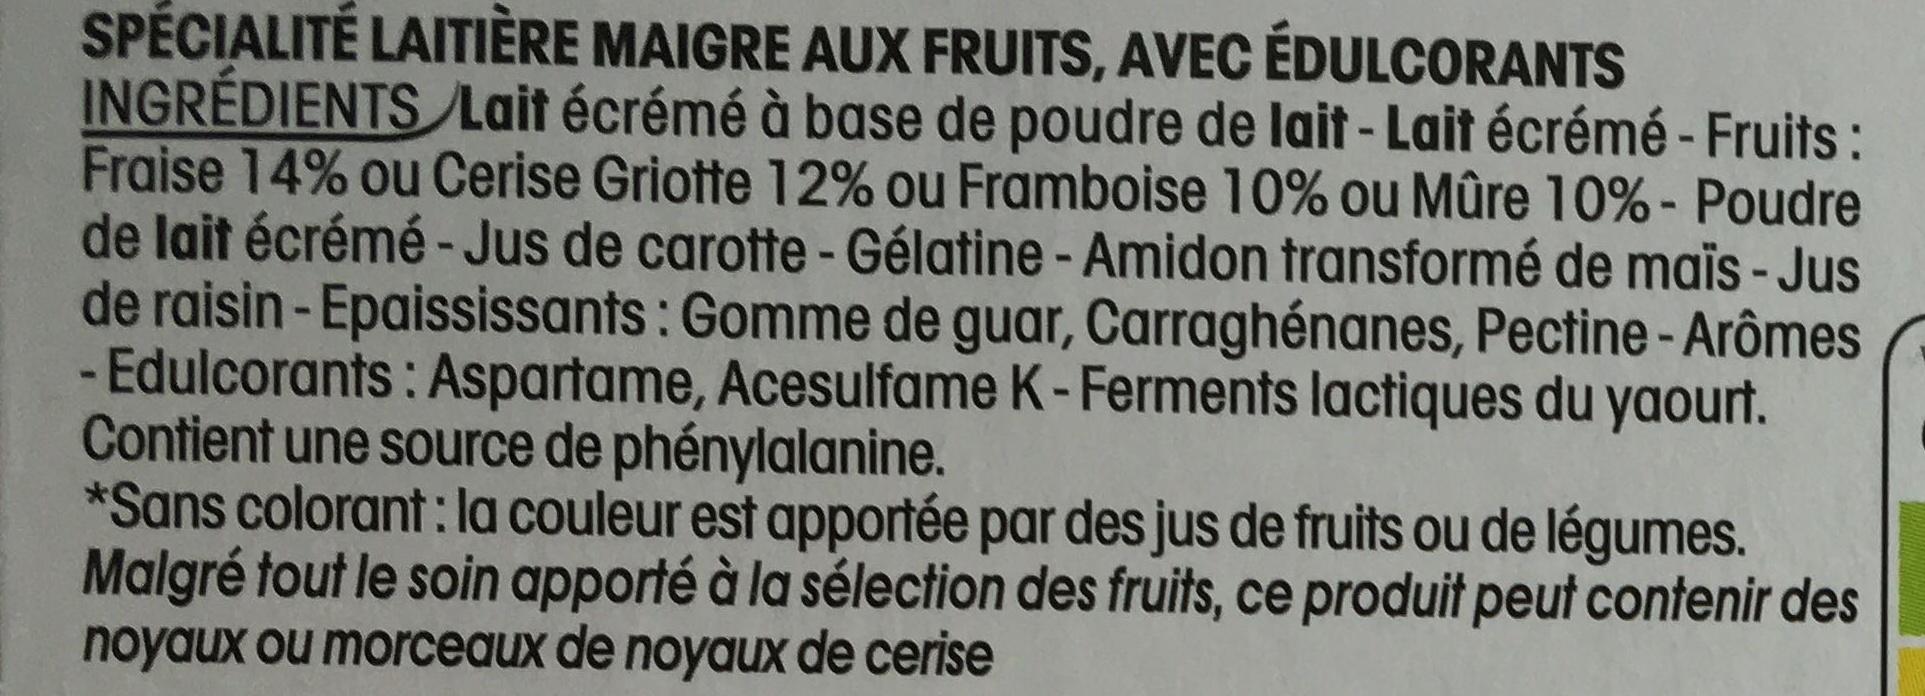 Panier de yoplait aux bons fruits 0% - Ingrediënten - fr